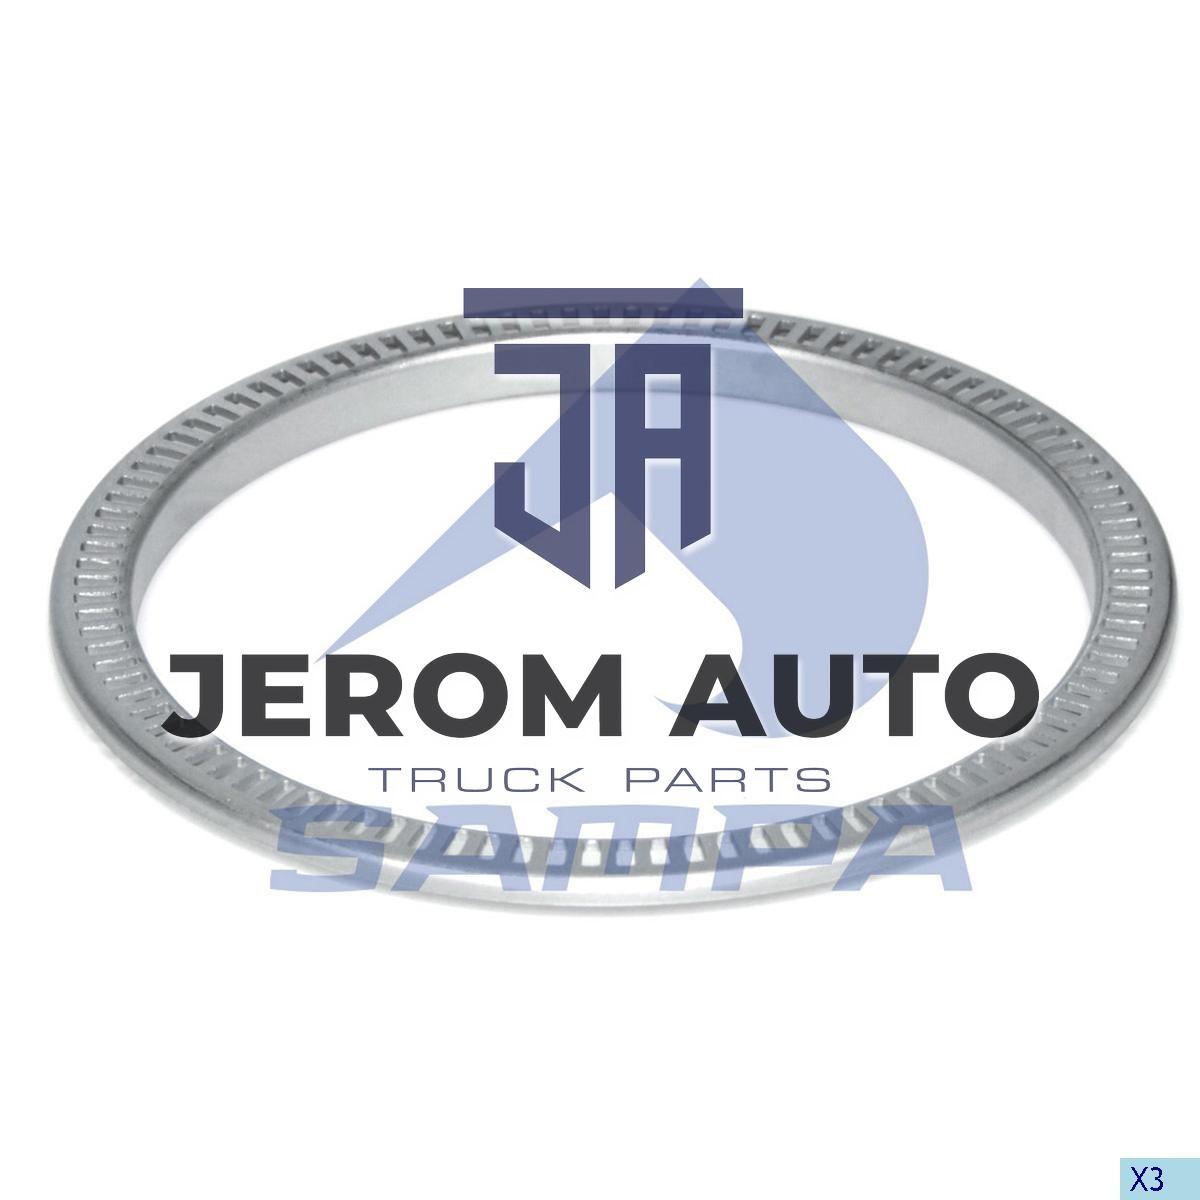 Кольцо ABS d160xd188x12 Mercedes \9423340015 \ 100.300/1